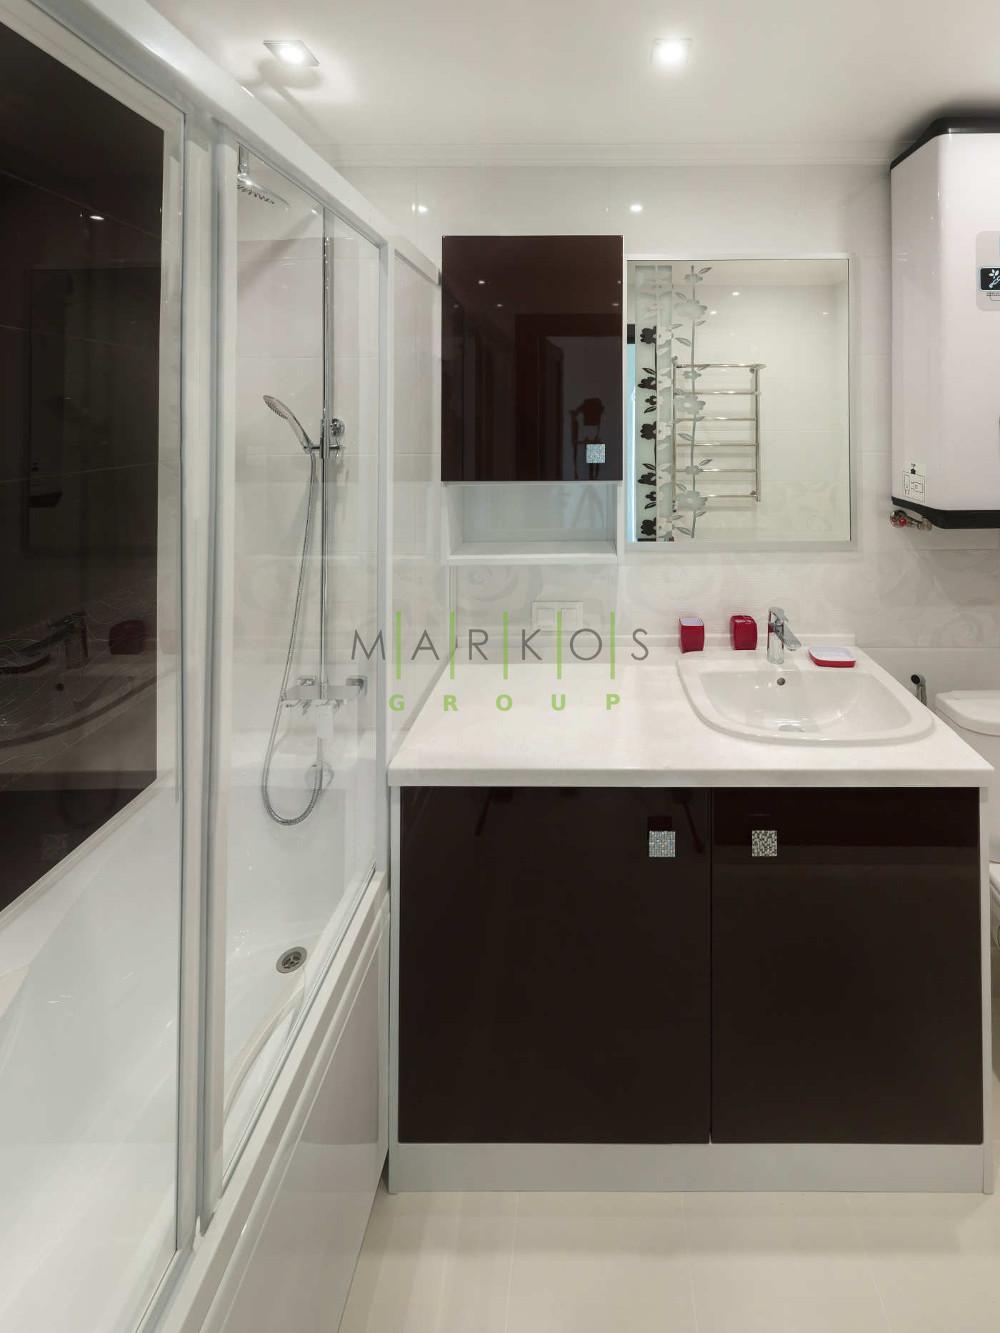 на фото темная мебель изготовленная для светлоц ванной комнаты на заказ в Черкассах